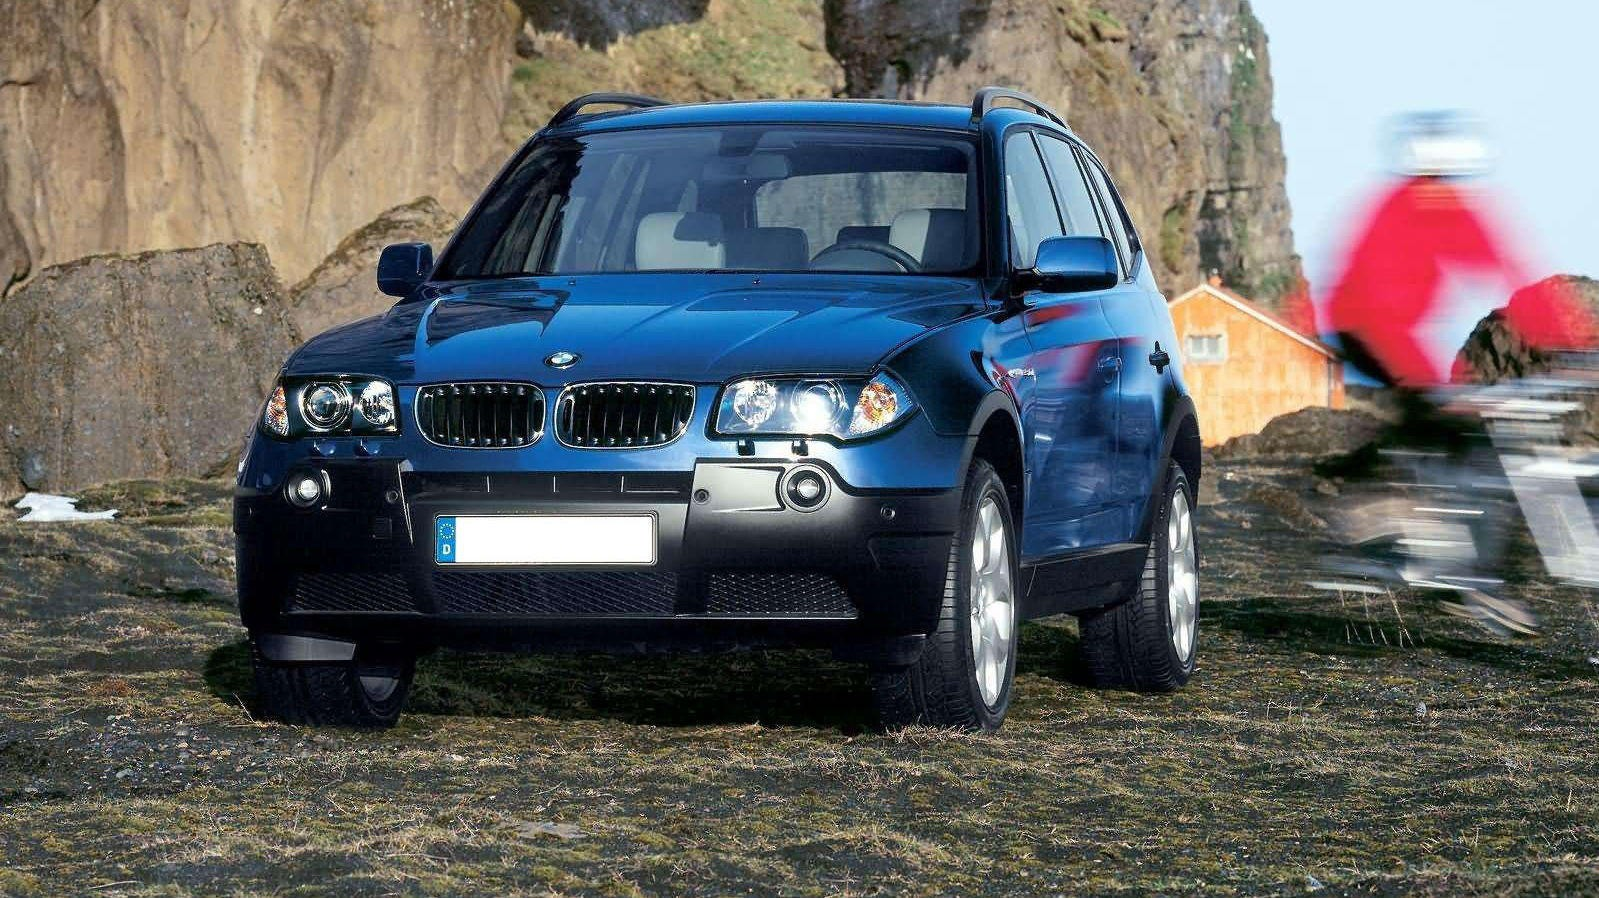 BMW X3 kom på markedes første gang som 2004-modell. Nå begynner de første årgangene å bli rimelige i bruktmarkedet. Hvis du er ute etter brukt X3 er det flere hundre eksemplarer å velge mellom i det norske markedet.